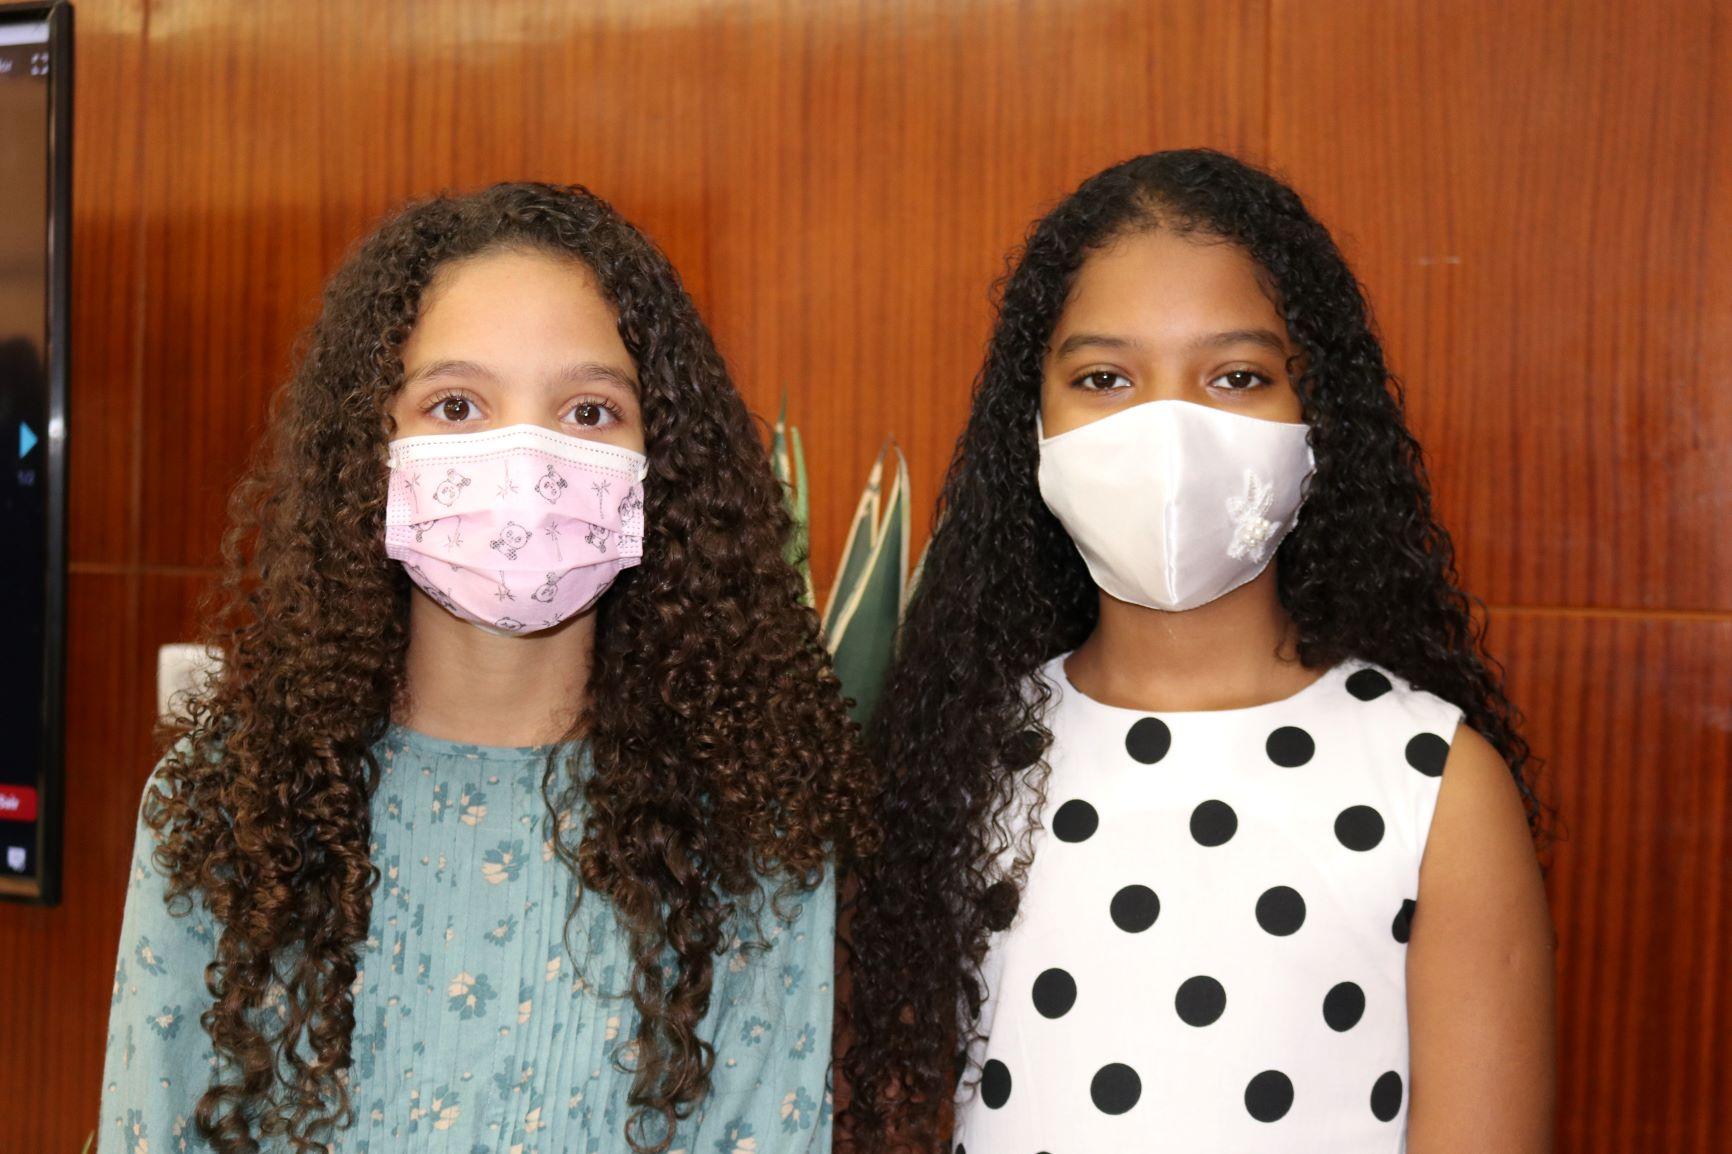 Crianças hoje, mulheres no futuro - A vacina contra HPV que muda o curso da história de muitas mulheres.